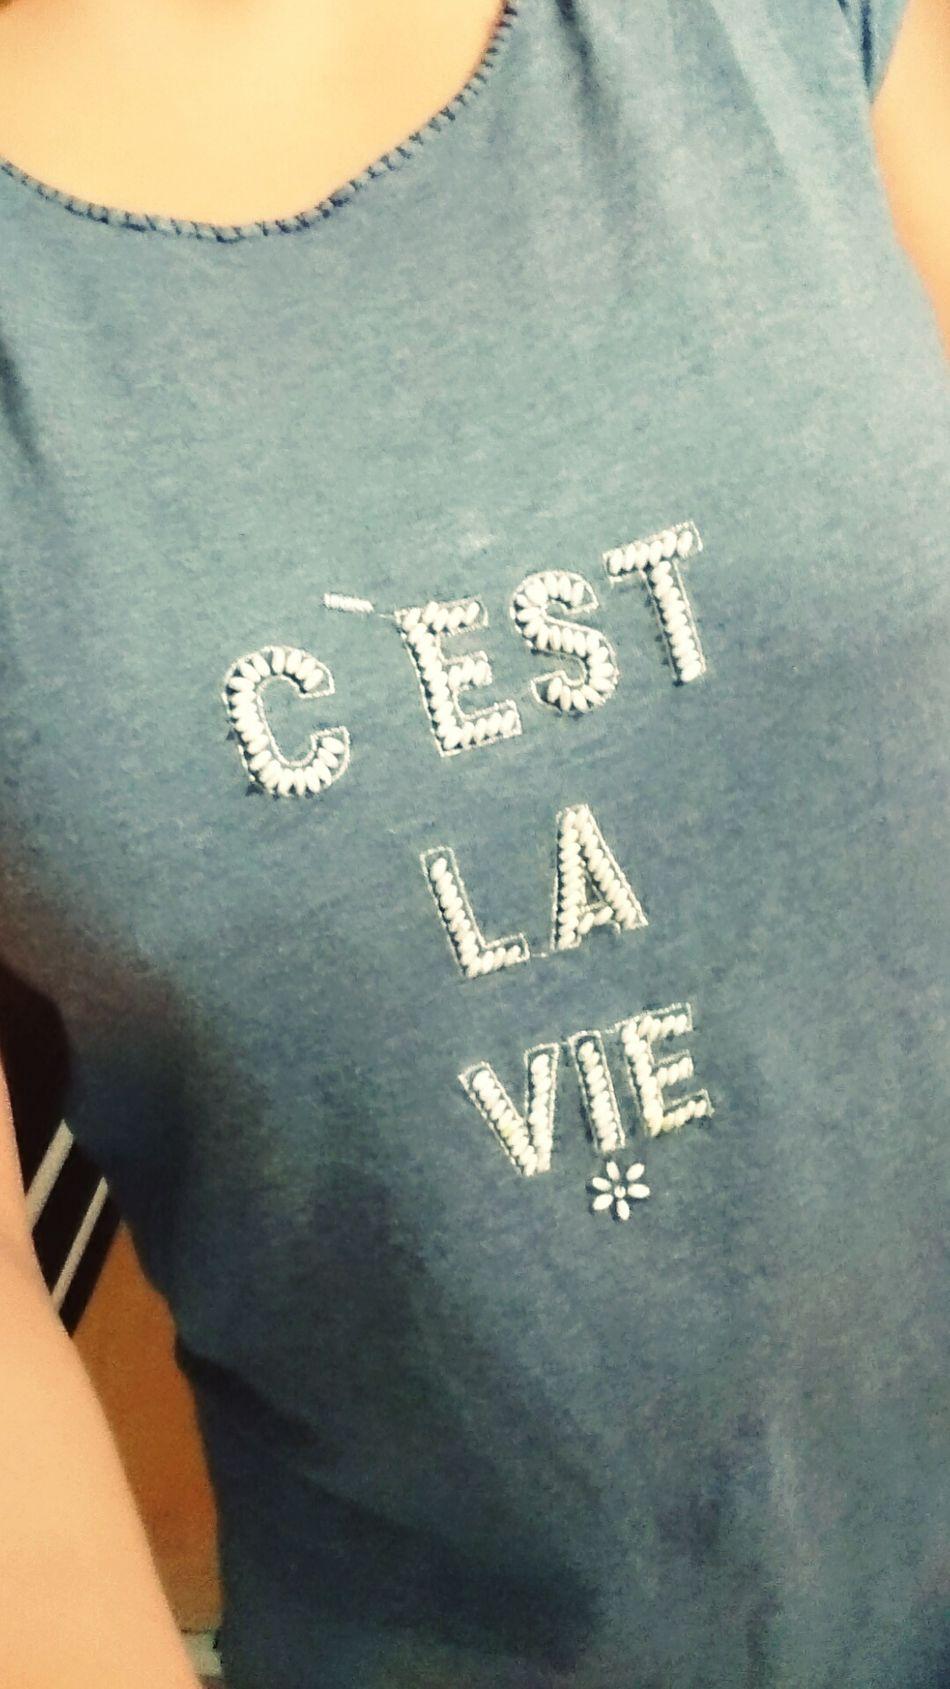 Xperiaz2 C'est La Vie It's Life Clothes